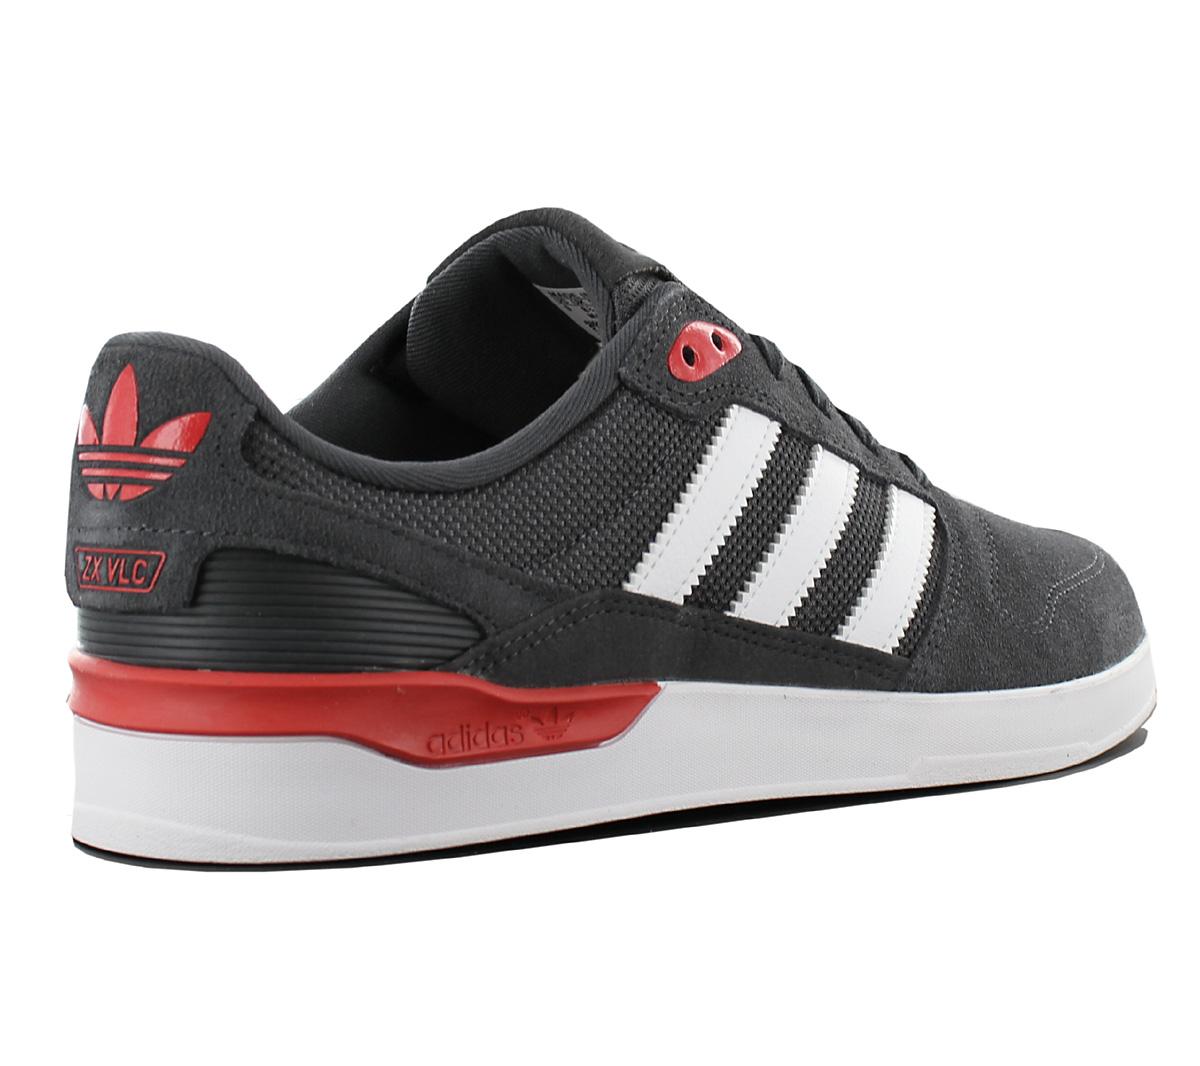 1634100e08bf Adidas Originals Zx Vulc B27436